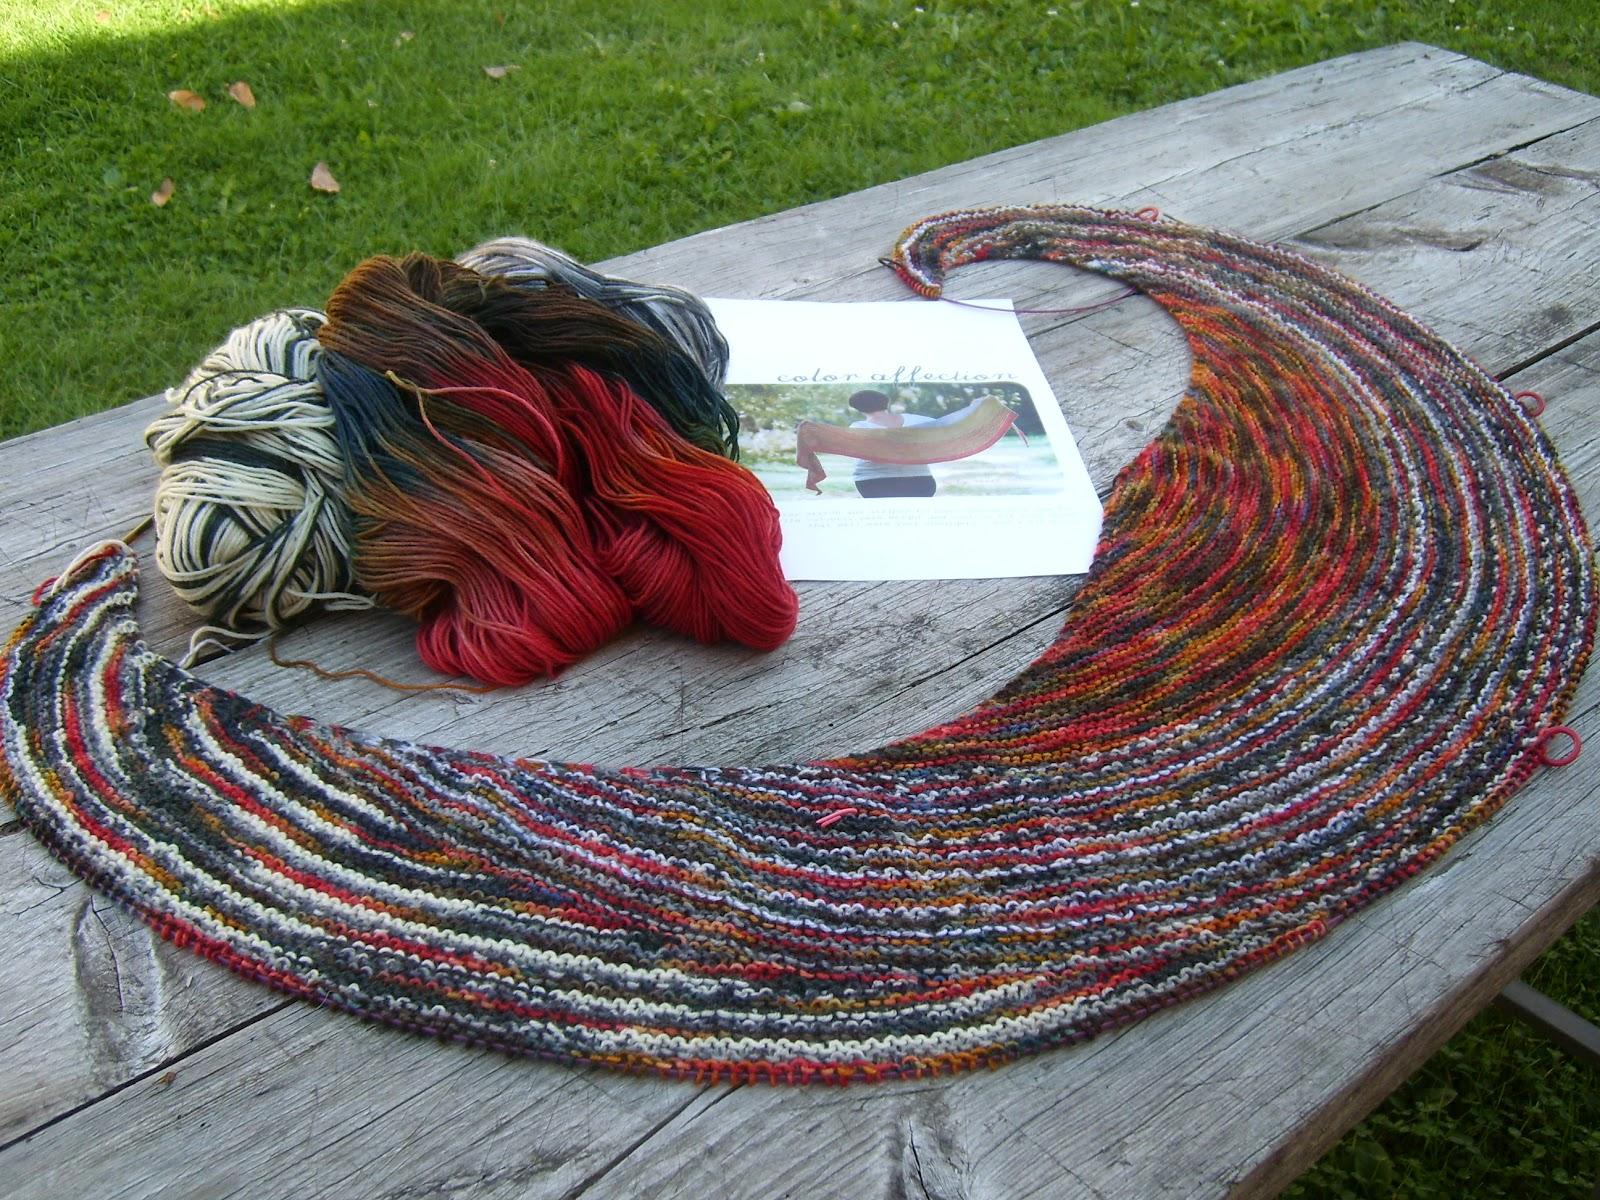 Bockfilz happy knitting short row shawl happy knitting short row shawl bankloansurffo Images